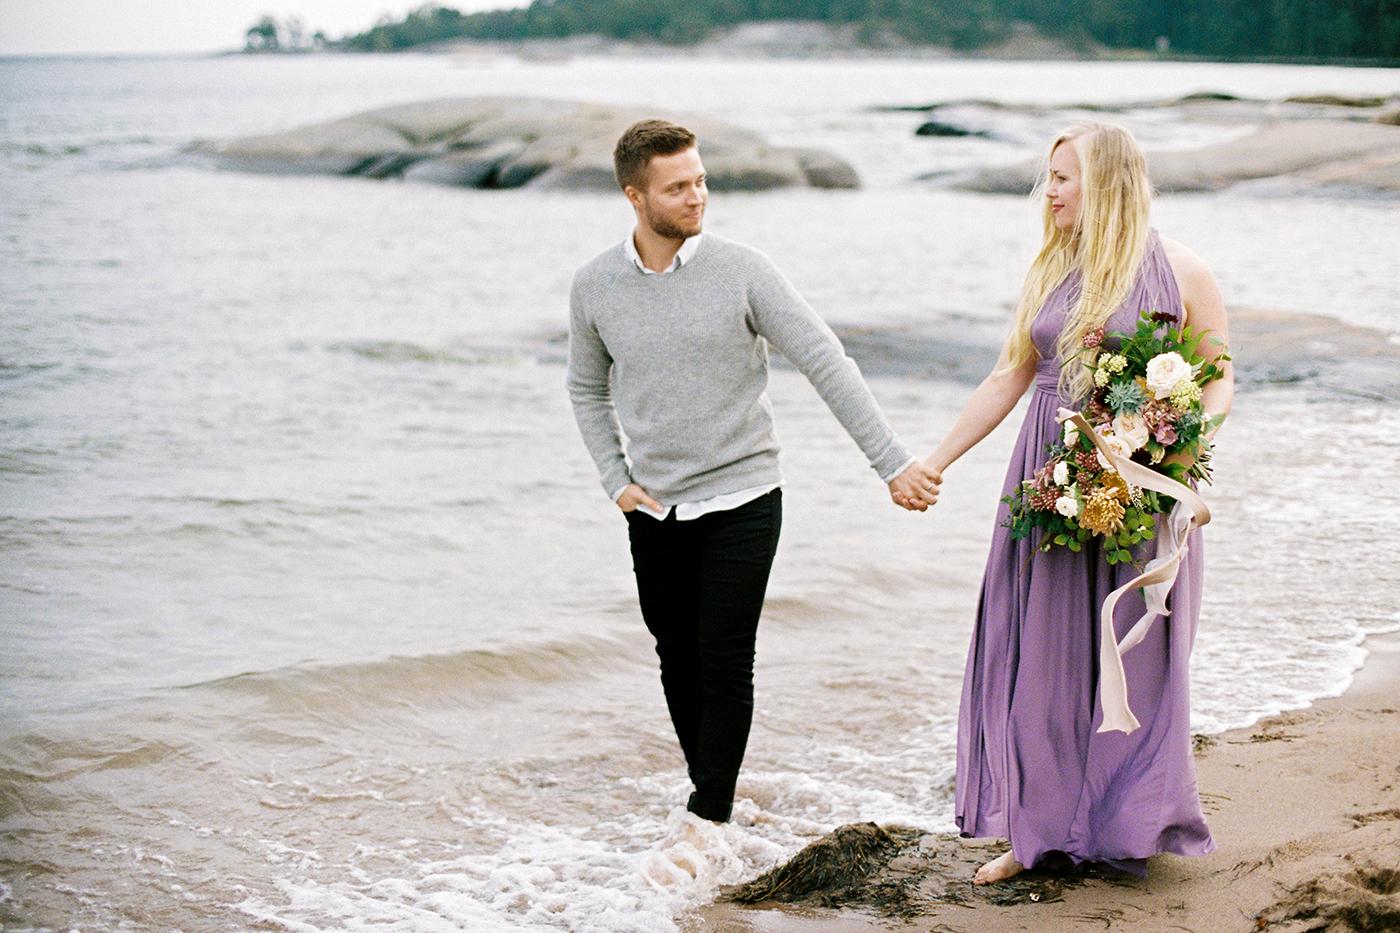 Sari & Mikko - Beach Engagement Couple Shoot in Hanko kihlakuvaus parikuvaus - Susanna Nordvall - Hey Look (27).jpg